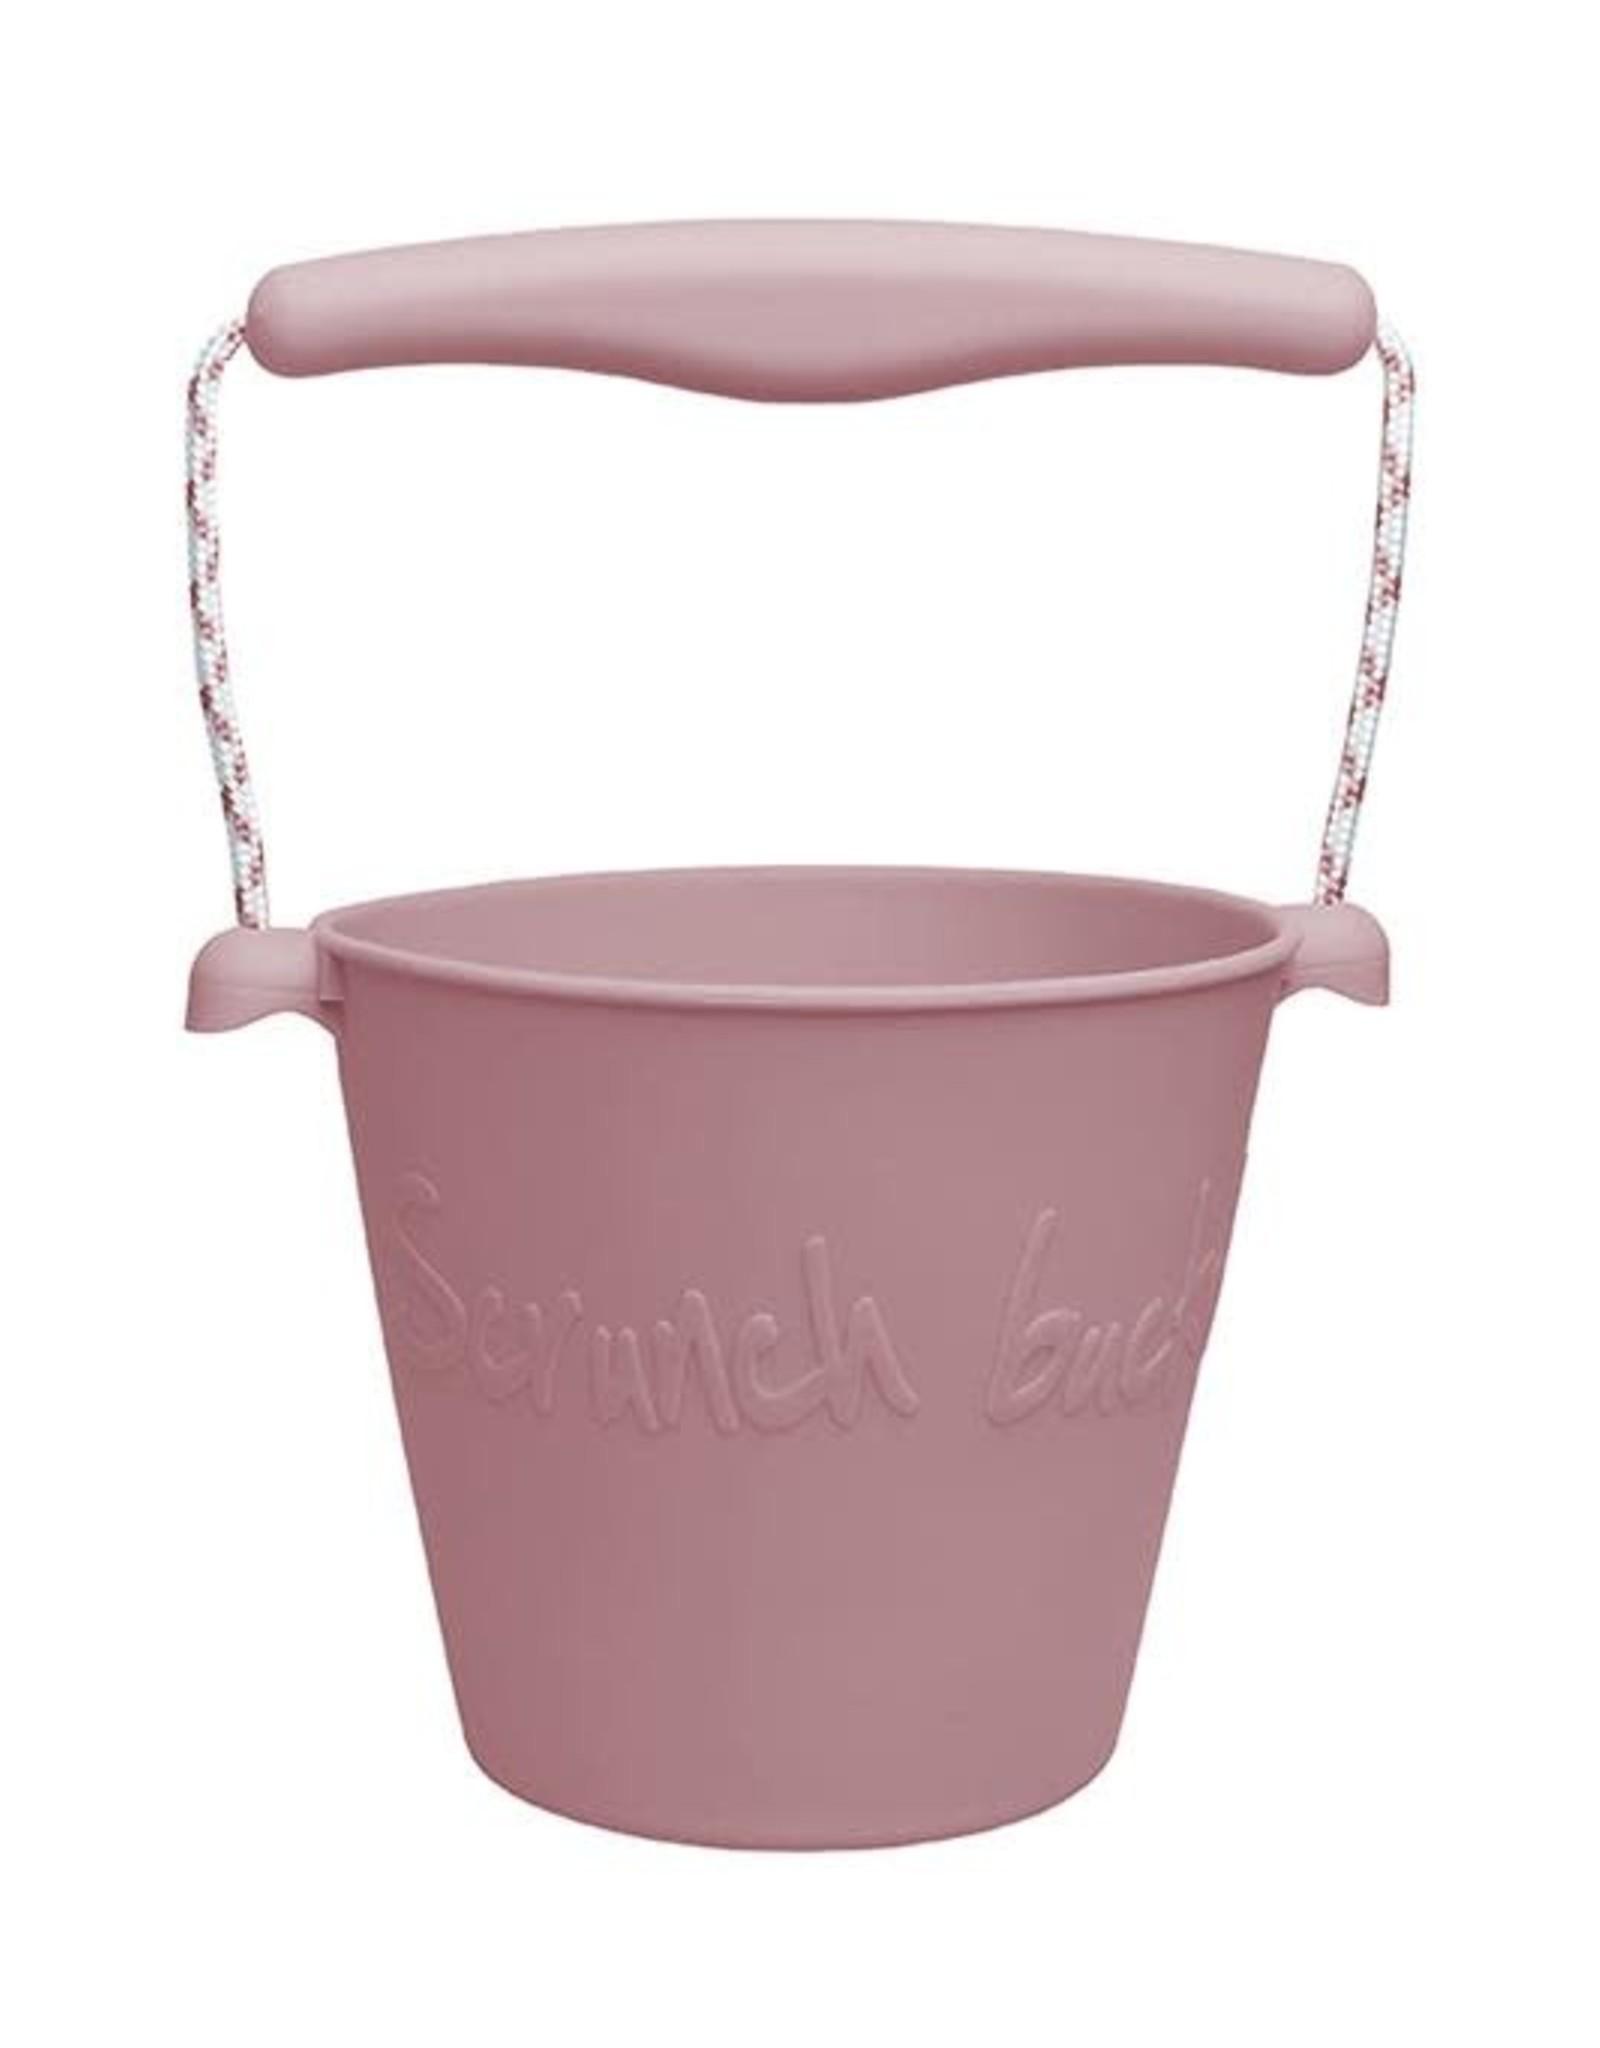 DAM Bucket Dusty Rose